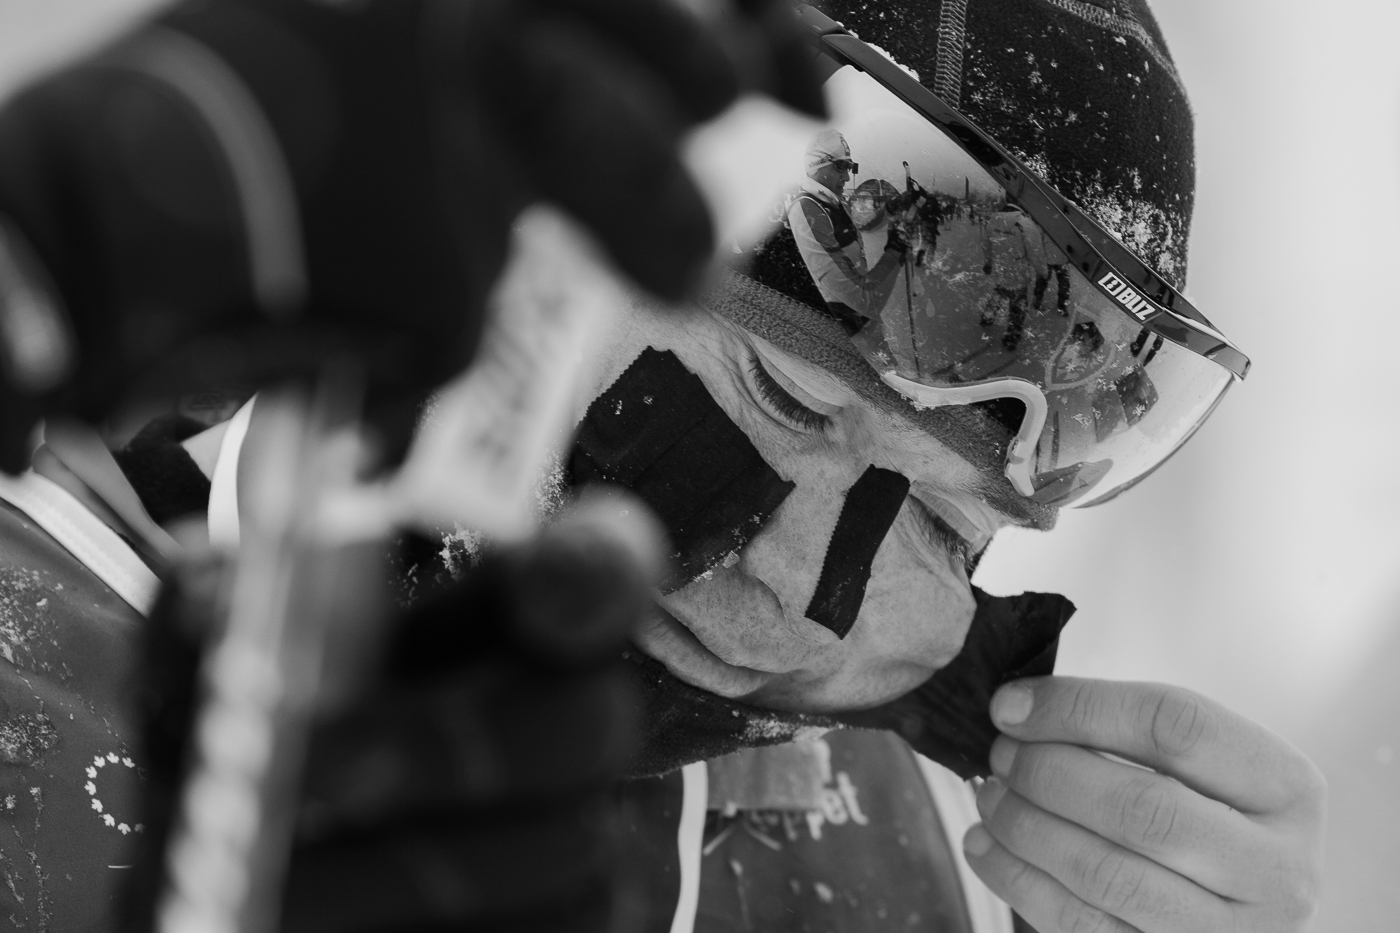 Ian Murray retire l'adhésif sur son visage après la course. Gatineau Loppet 2015 (© Sébastien Lavallée)